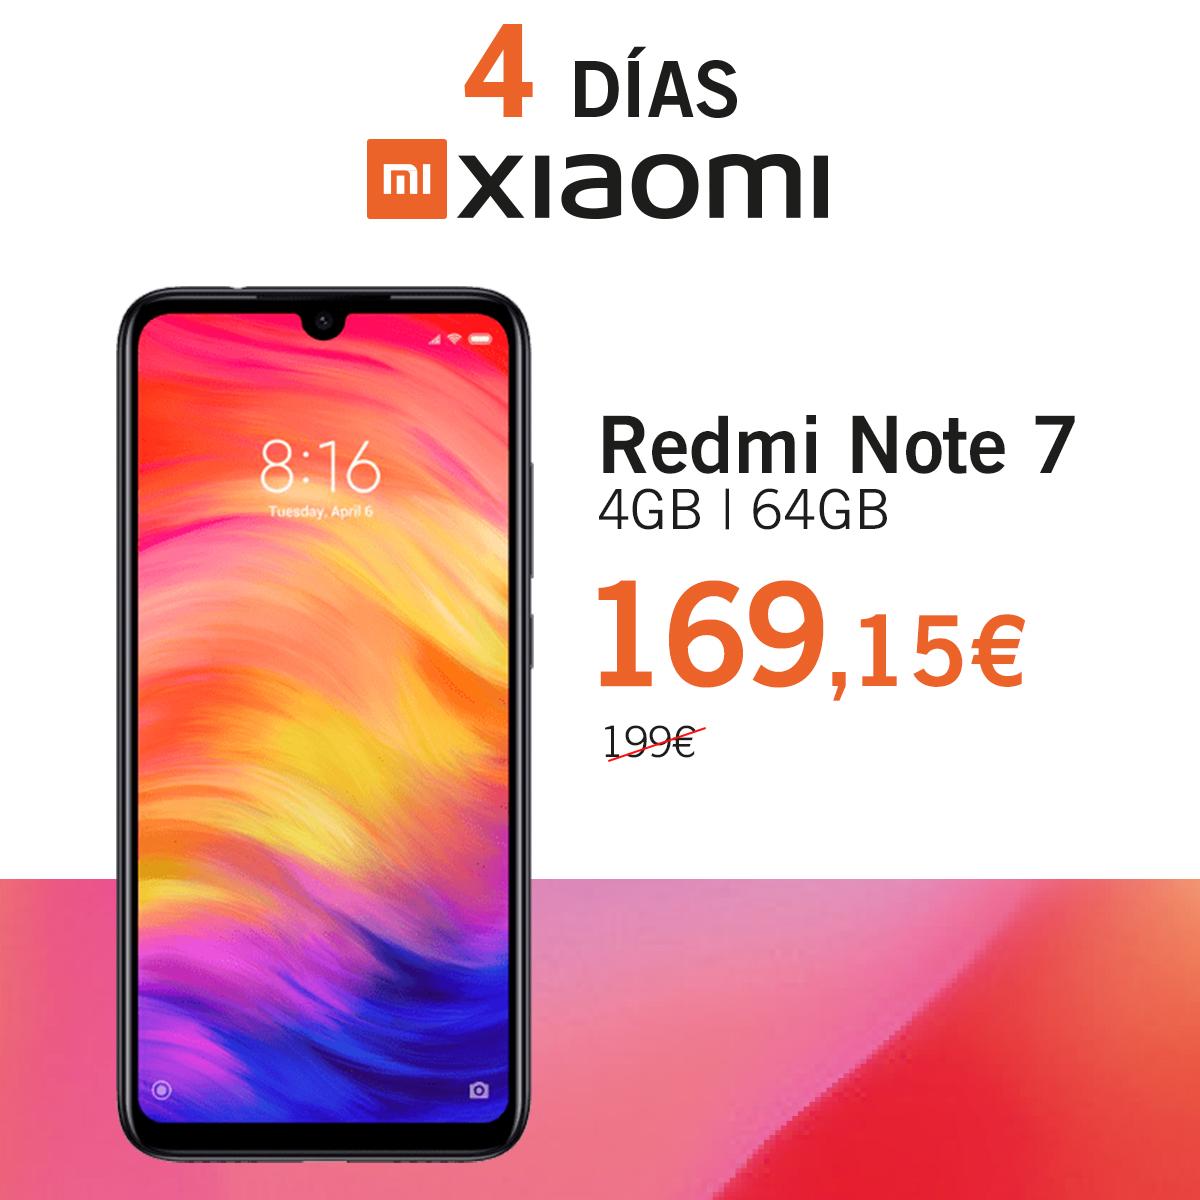 Redmi Note 7 Dias Xiaomi